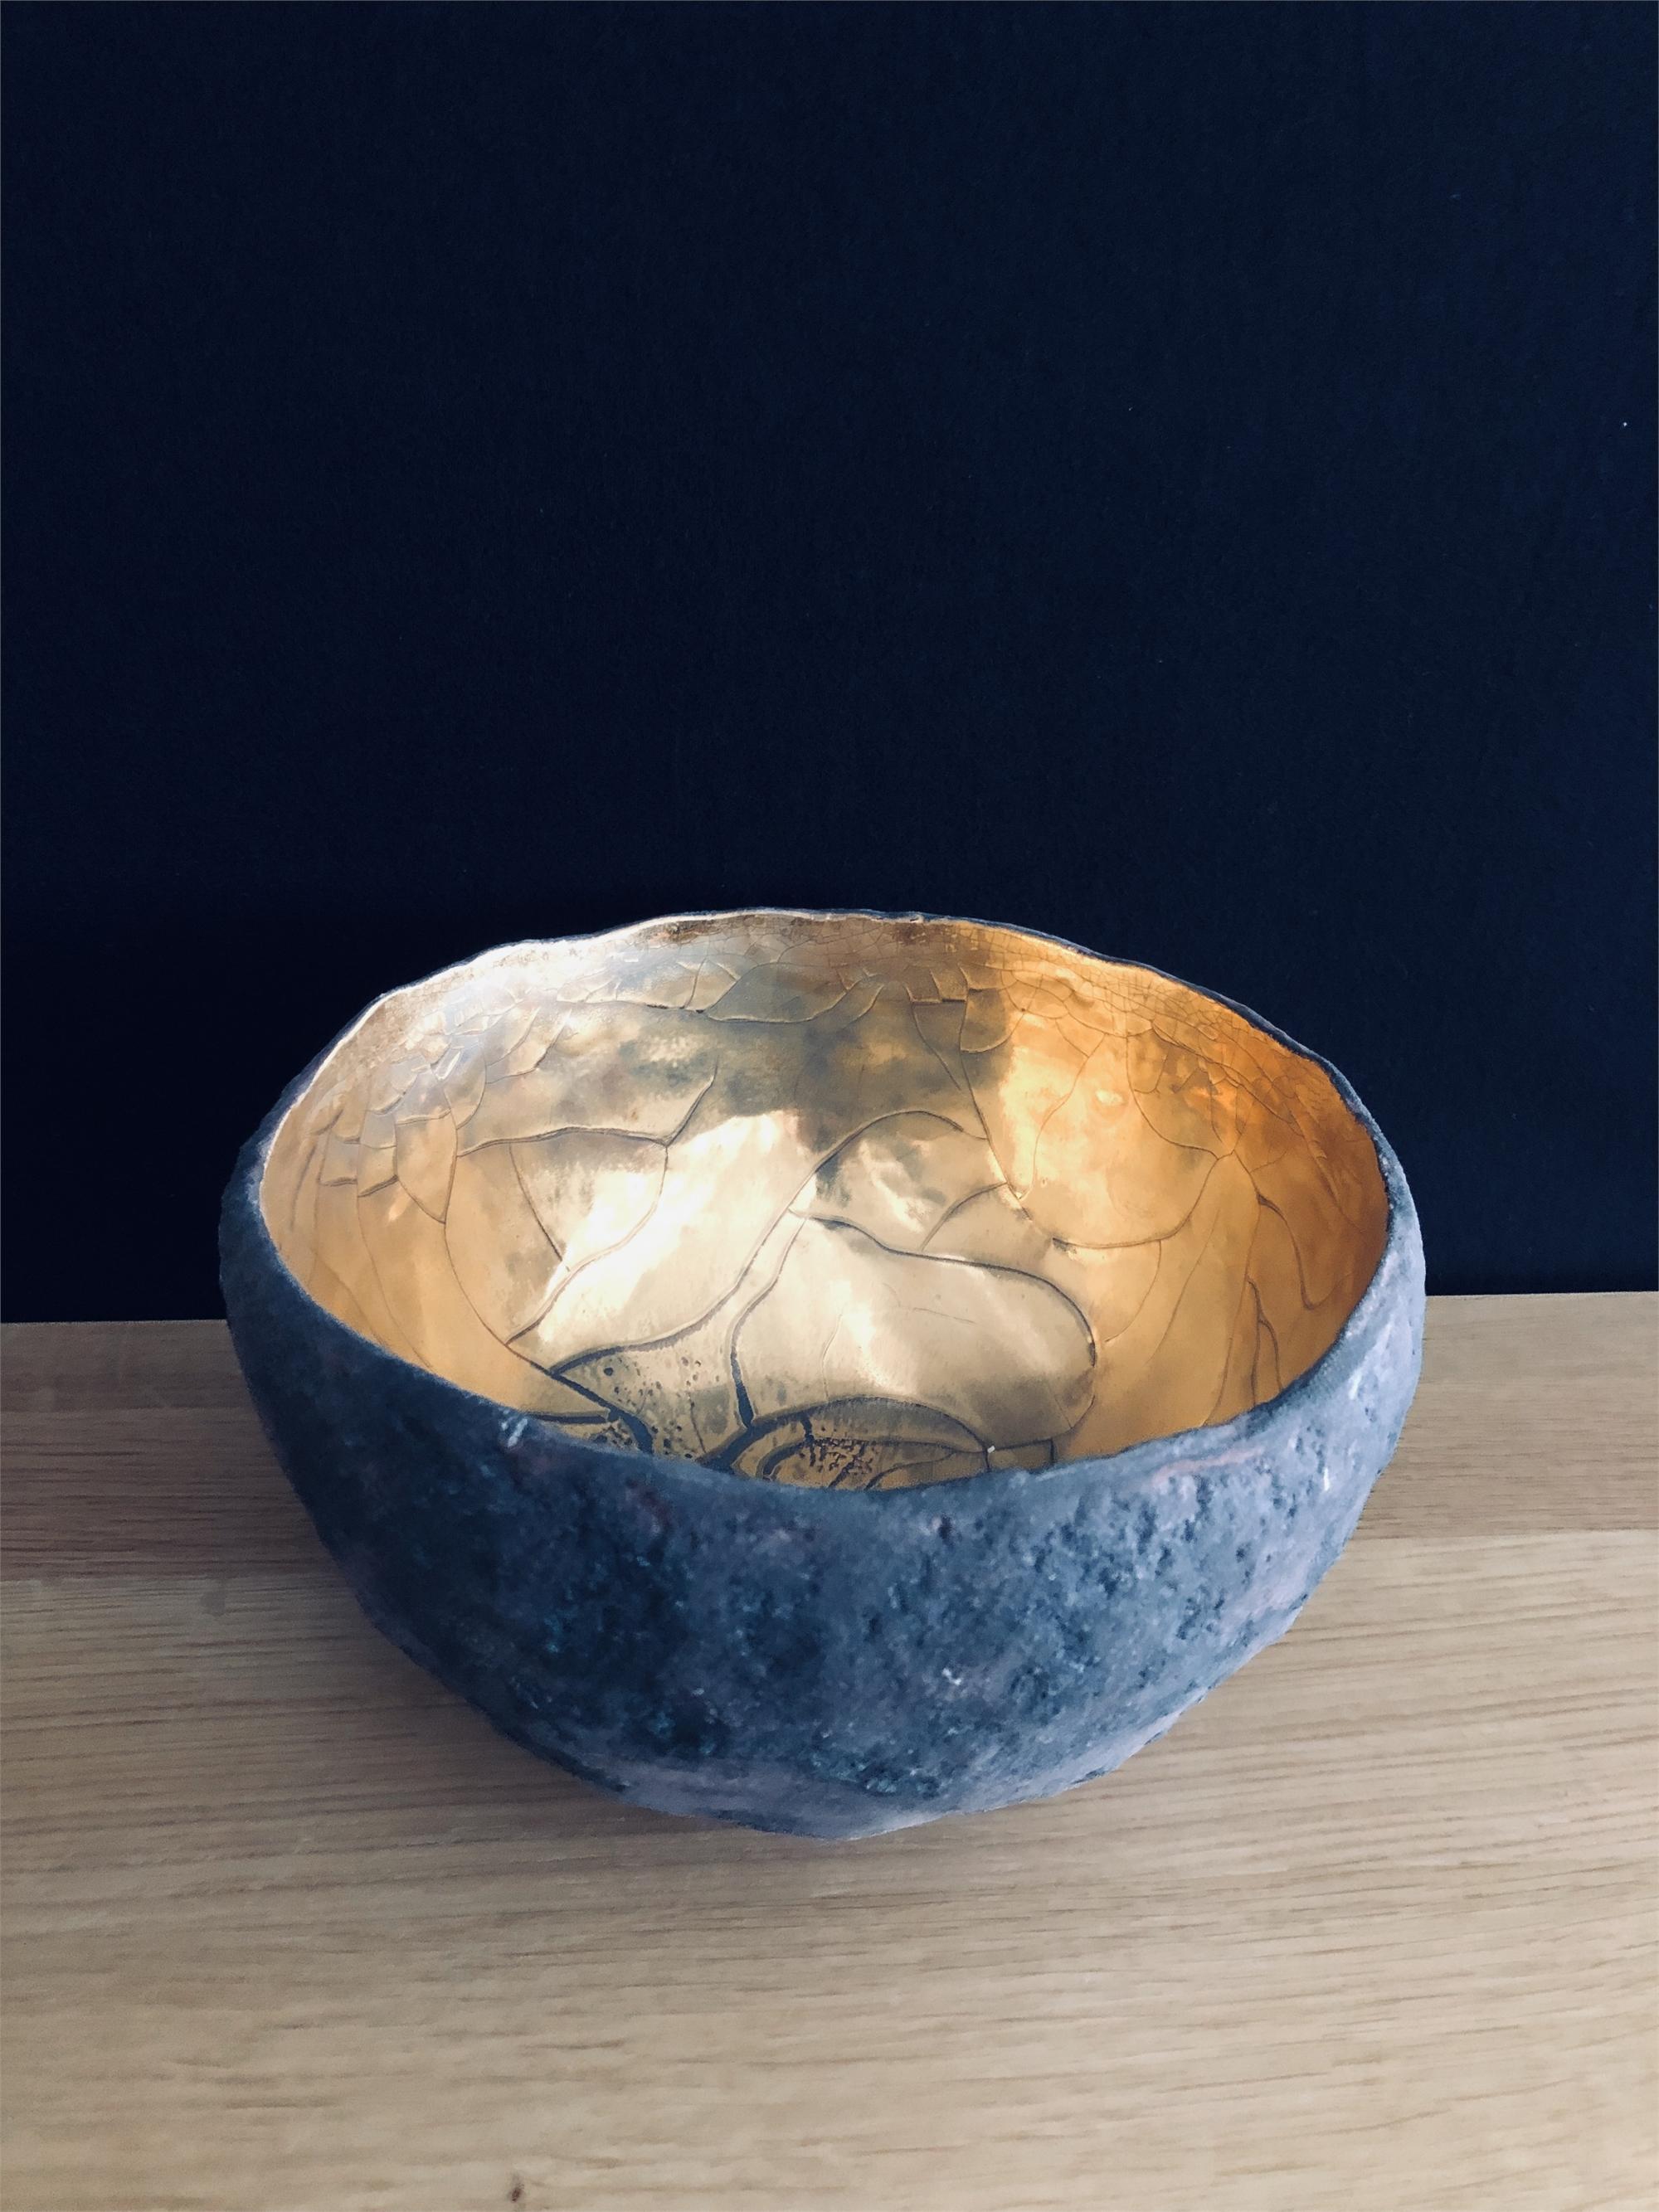 Bowl in ceramic by Cristina Salusti